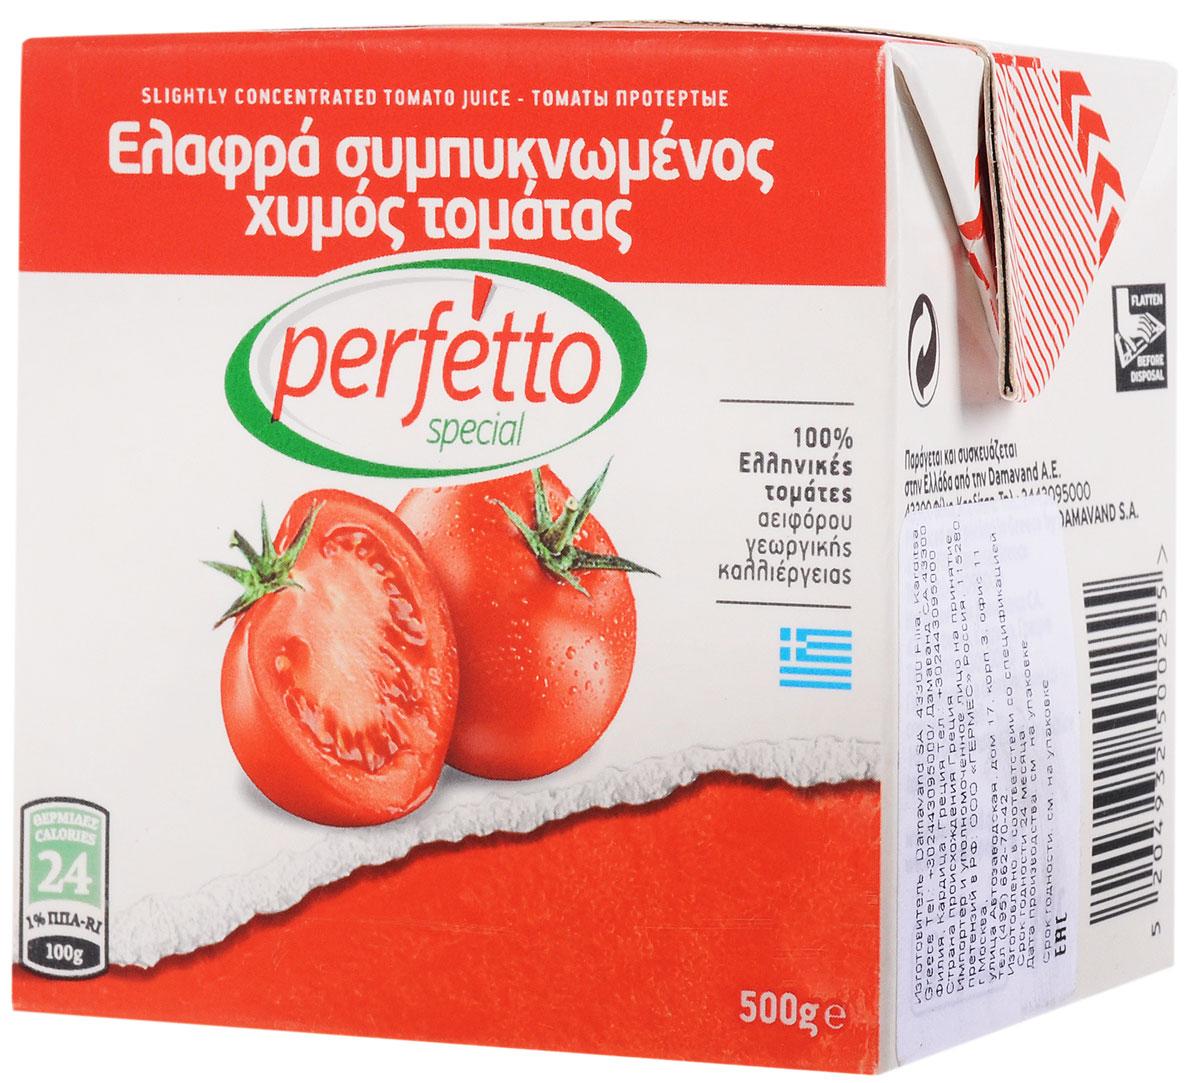 Perfetto special Томаты протертые в собственном соку, 500 г41.0004Протертые томаты Perfetto special в собственном соку - отличная основа для приготовления множества разноплановых блюд: мясных, рыбных, овощных, пасты.